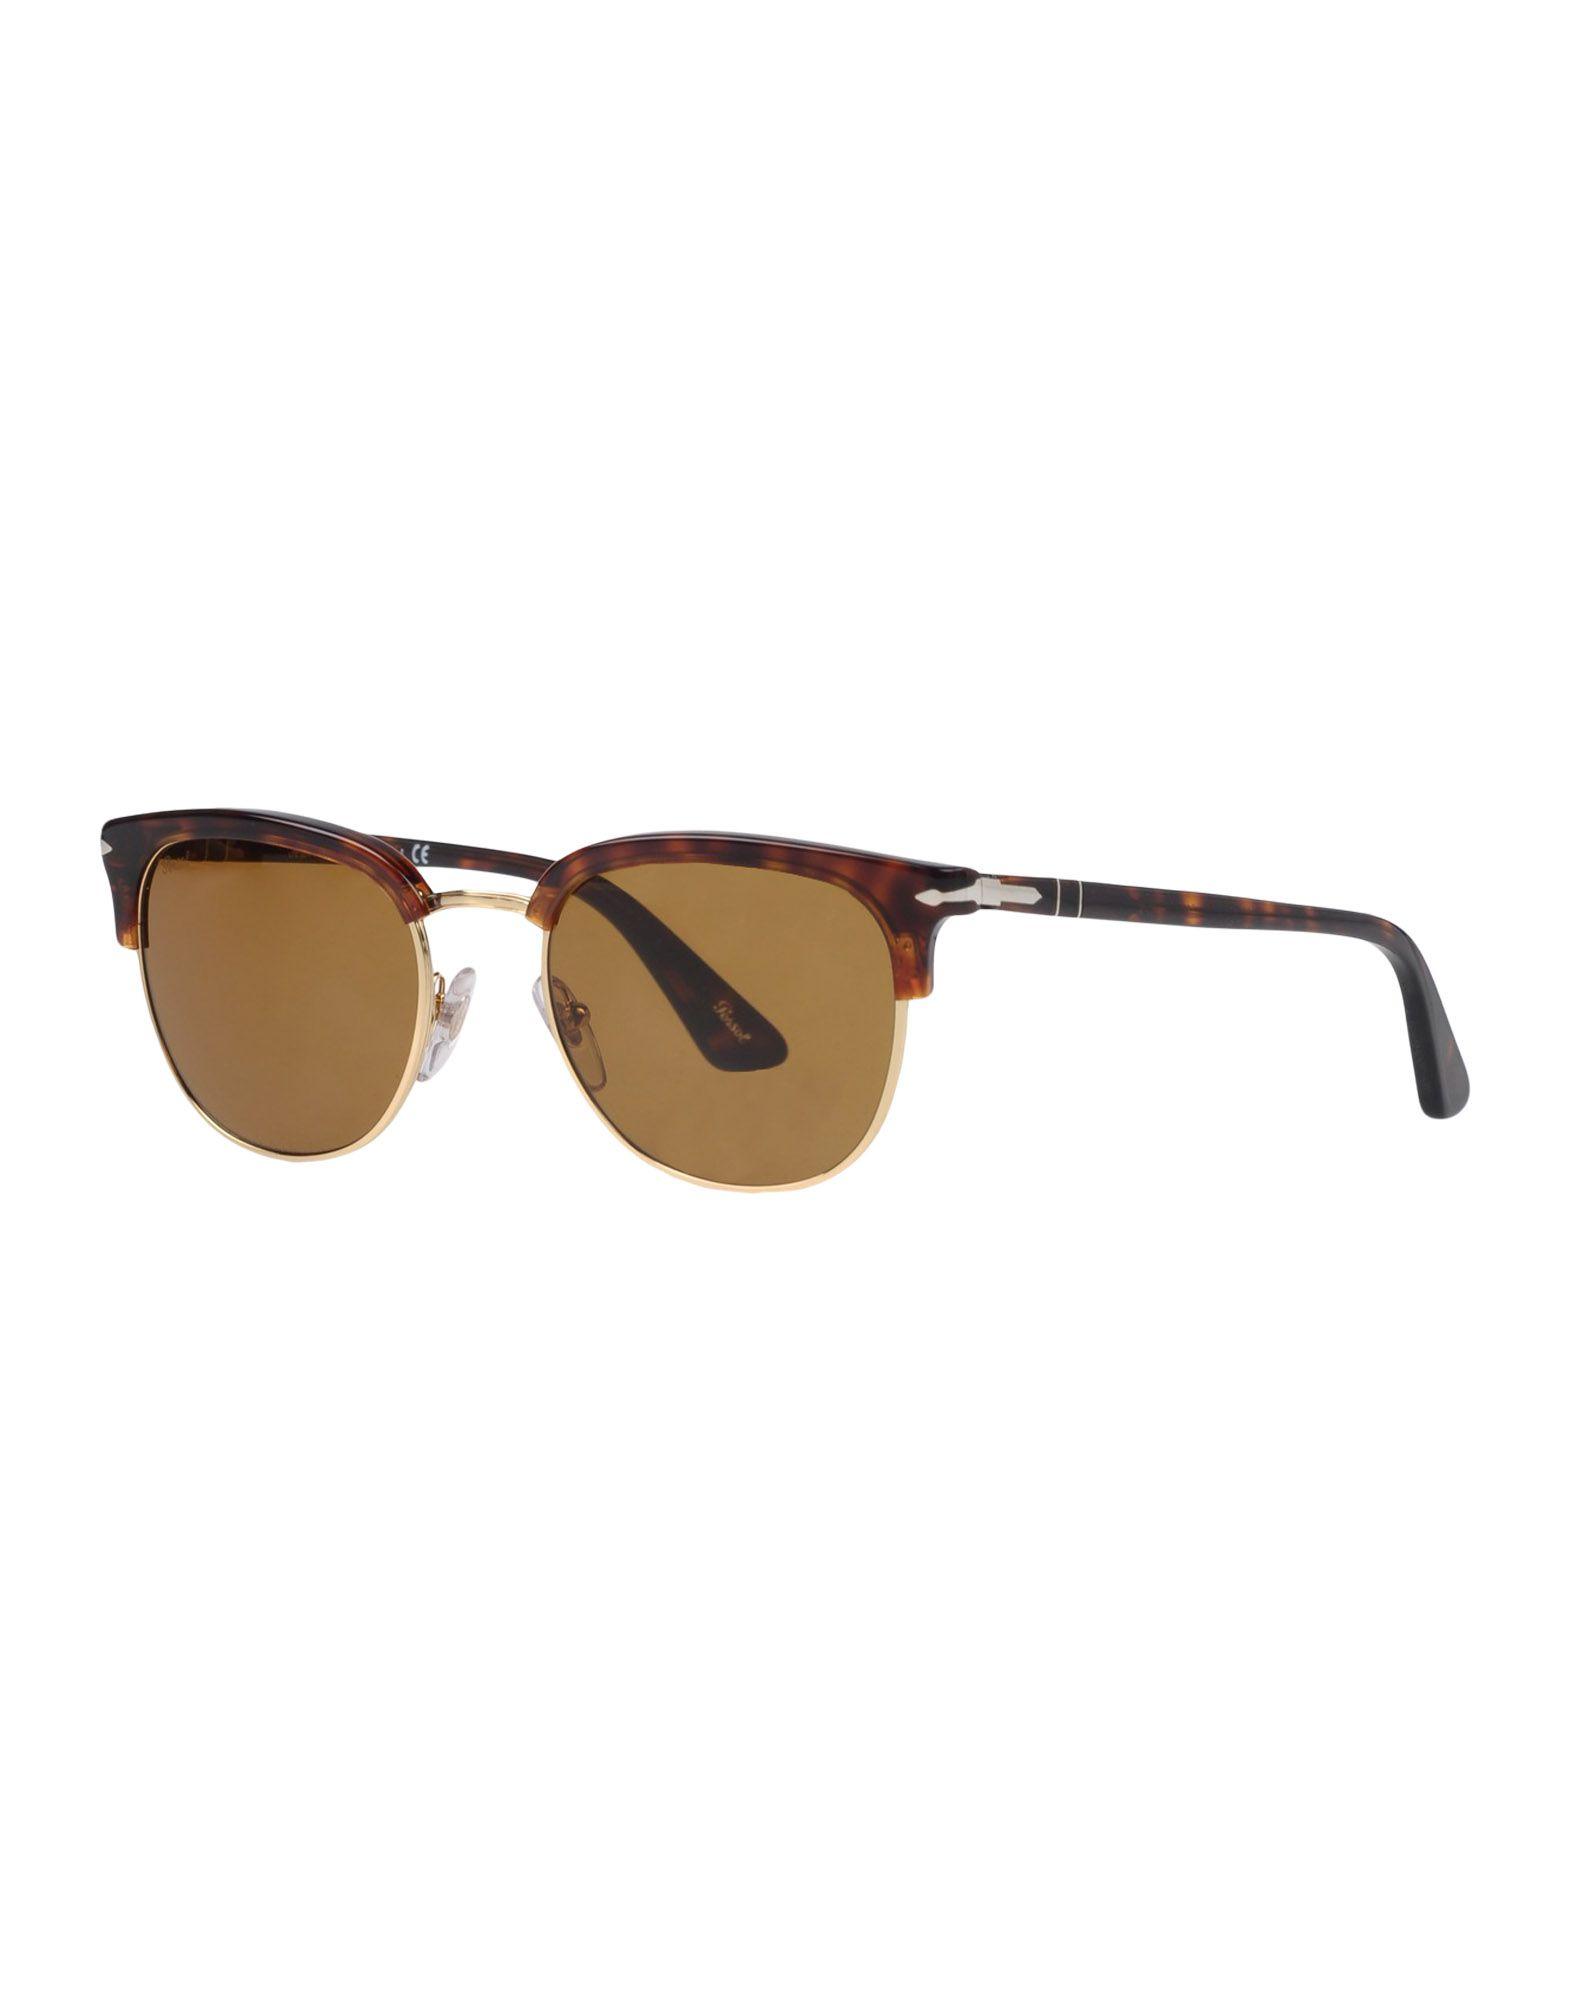 PERSOL Herren Brille Farbe Dunkelbraun Größe 6